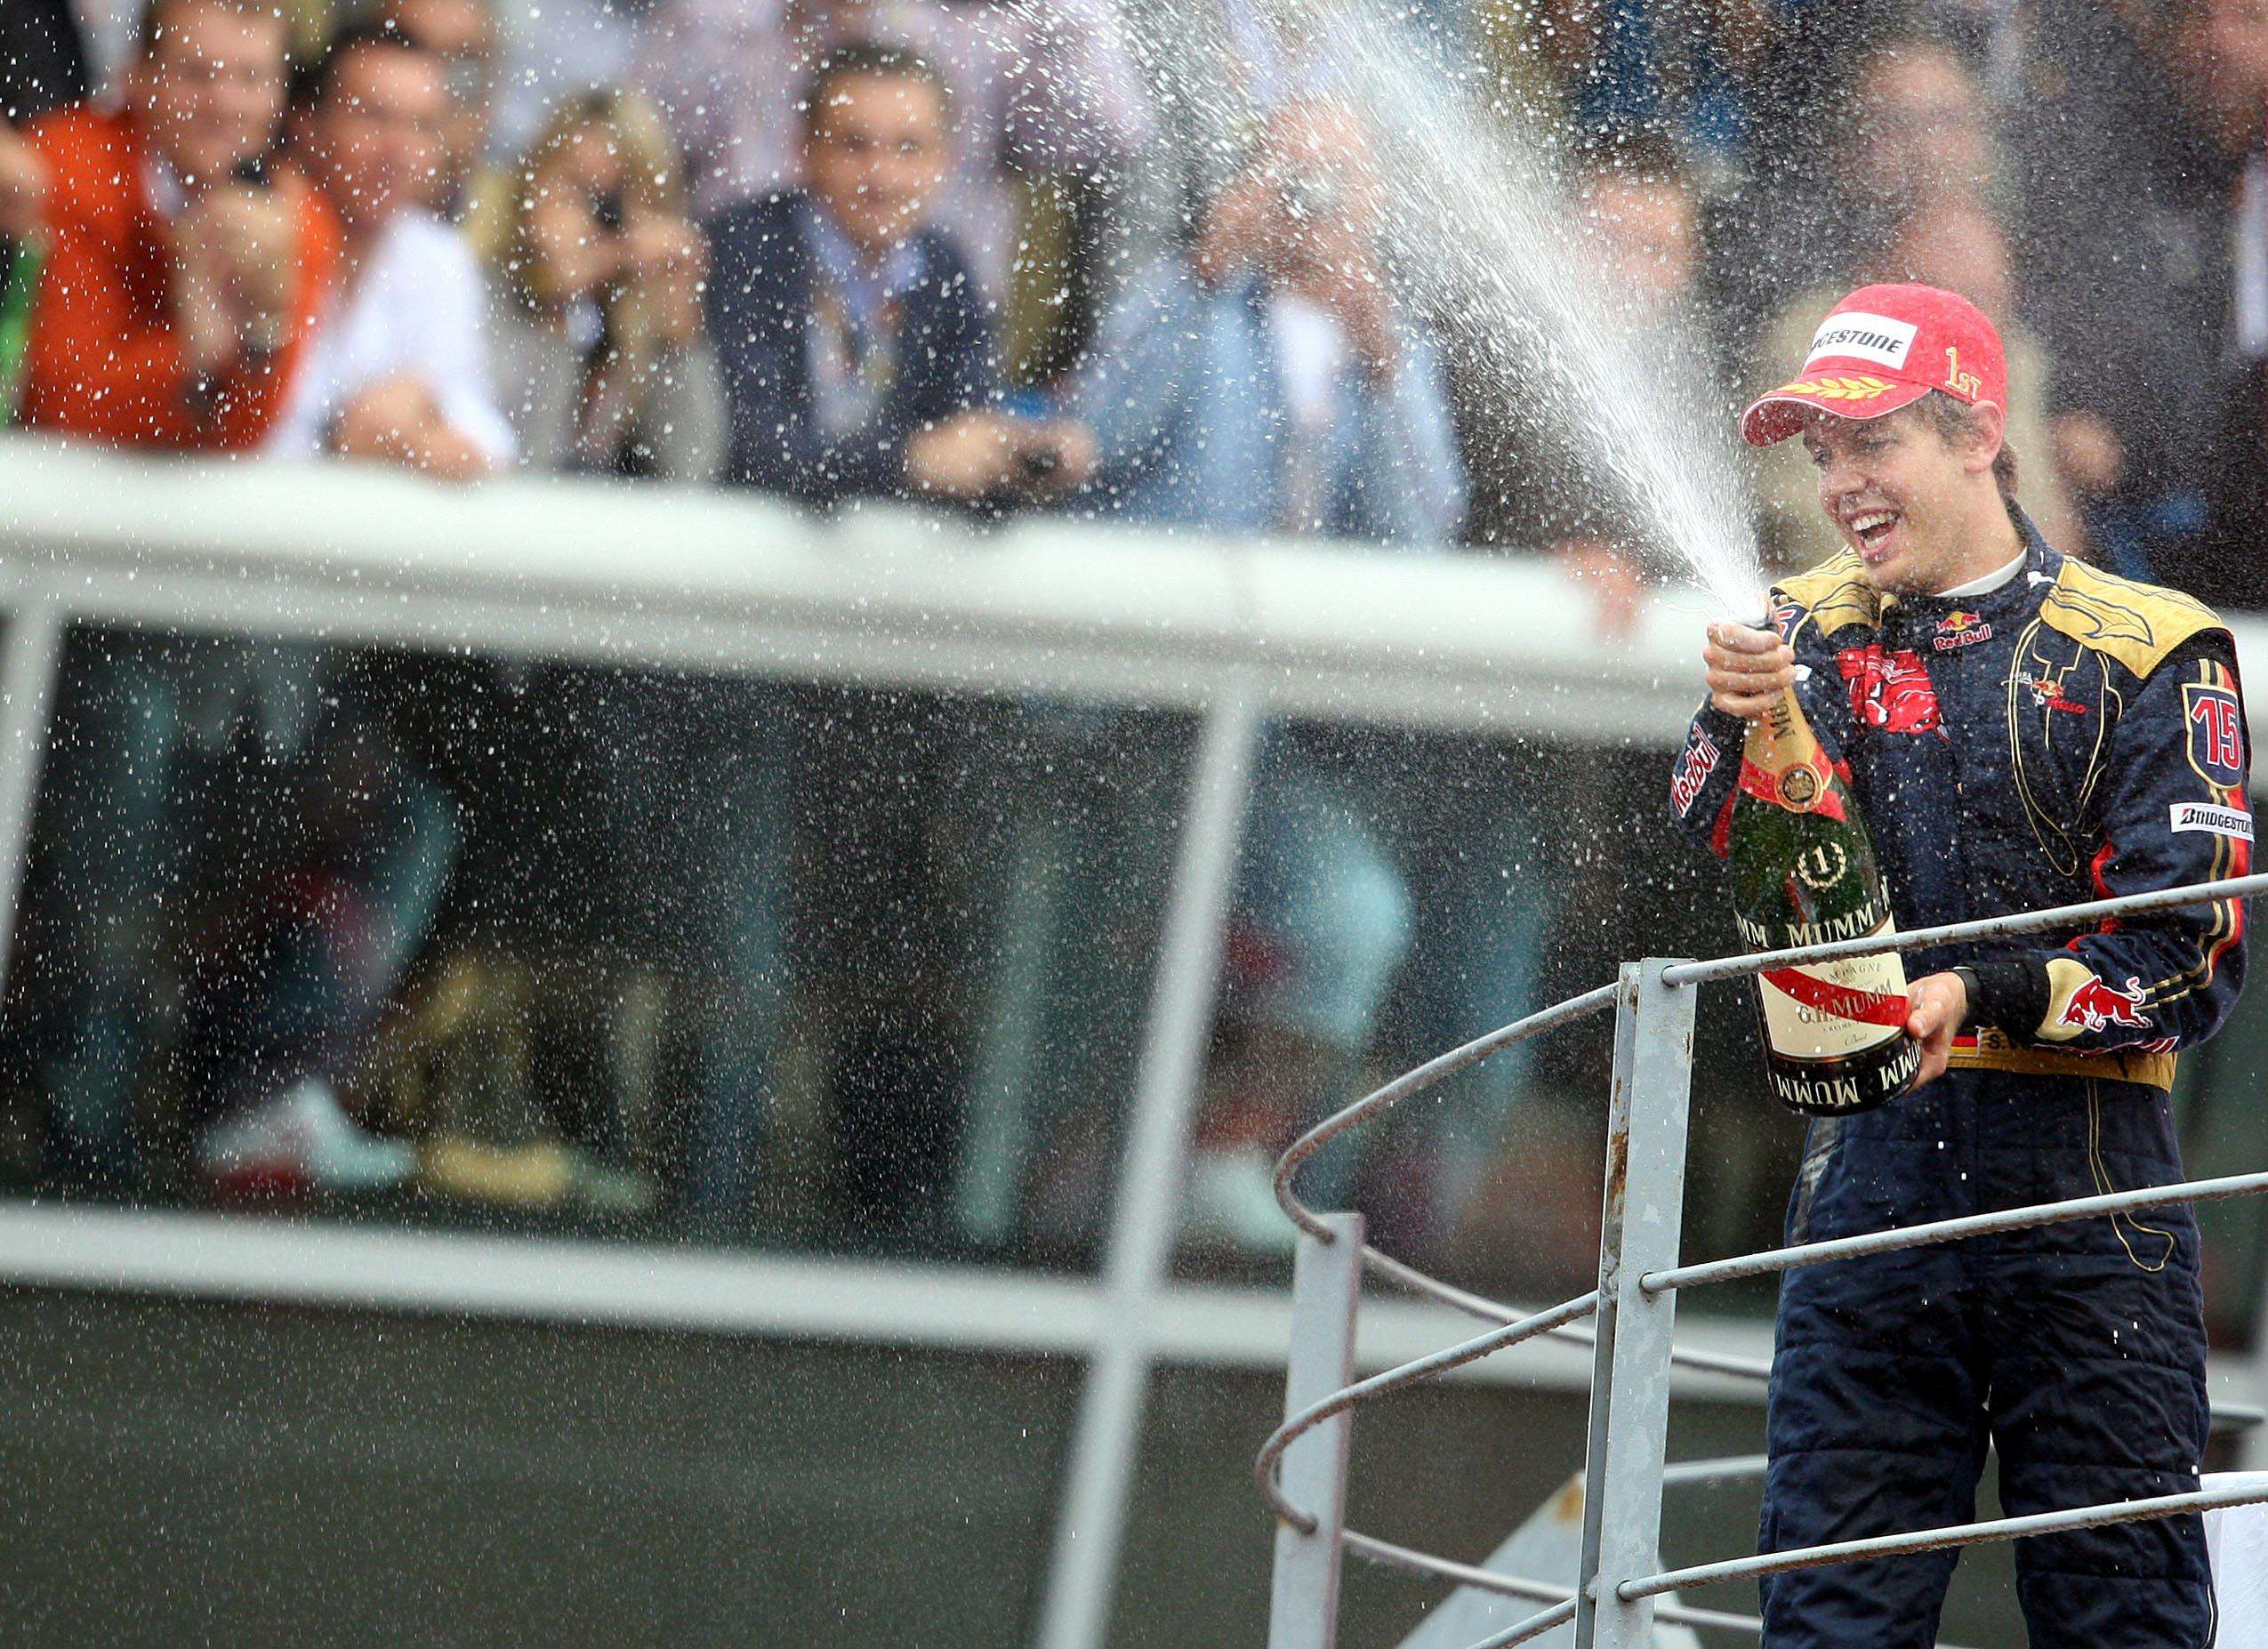 El agua que bautizó a Vettel en la Fórmula 1